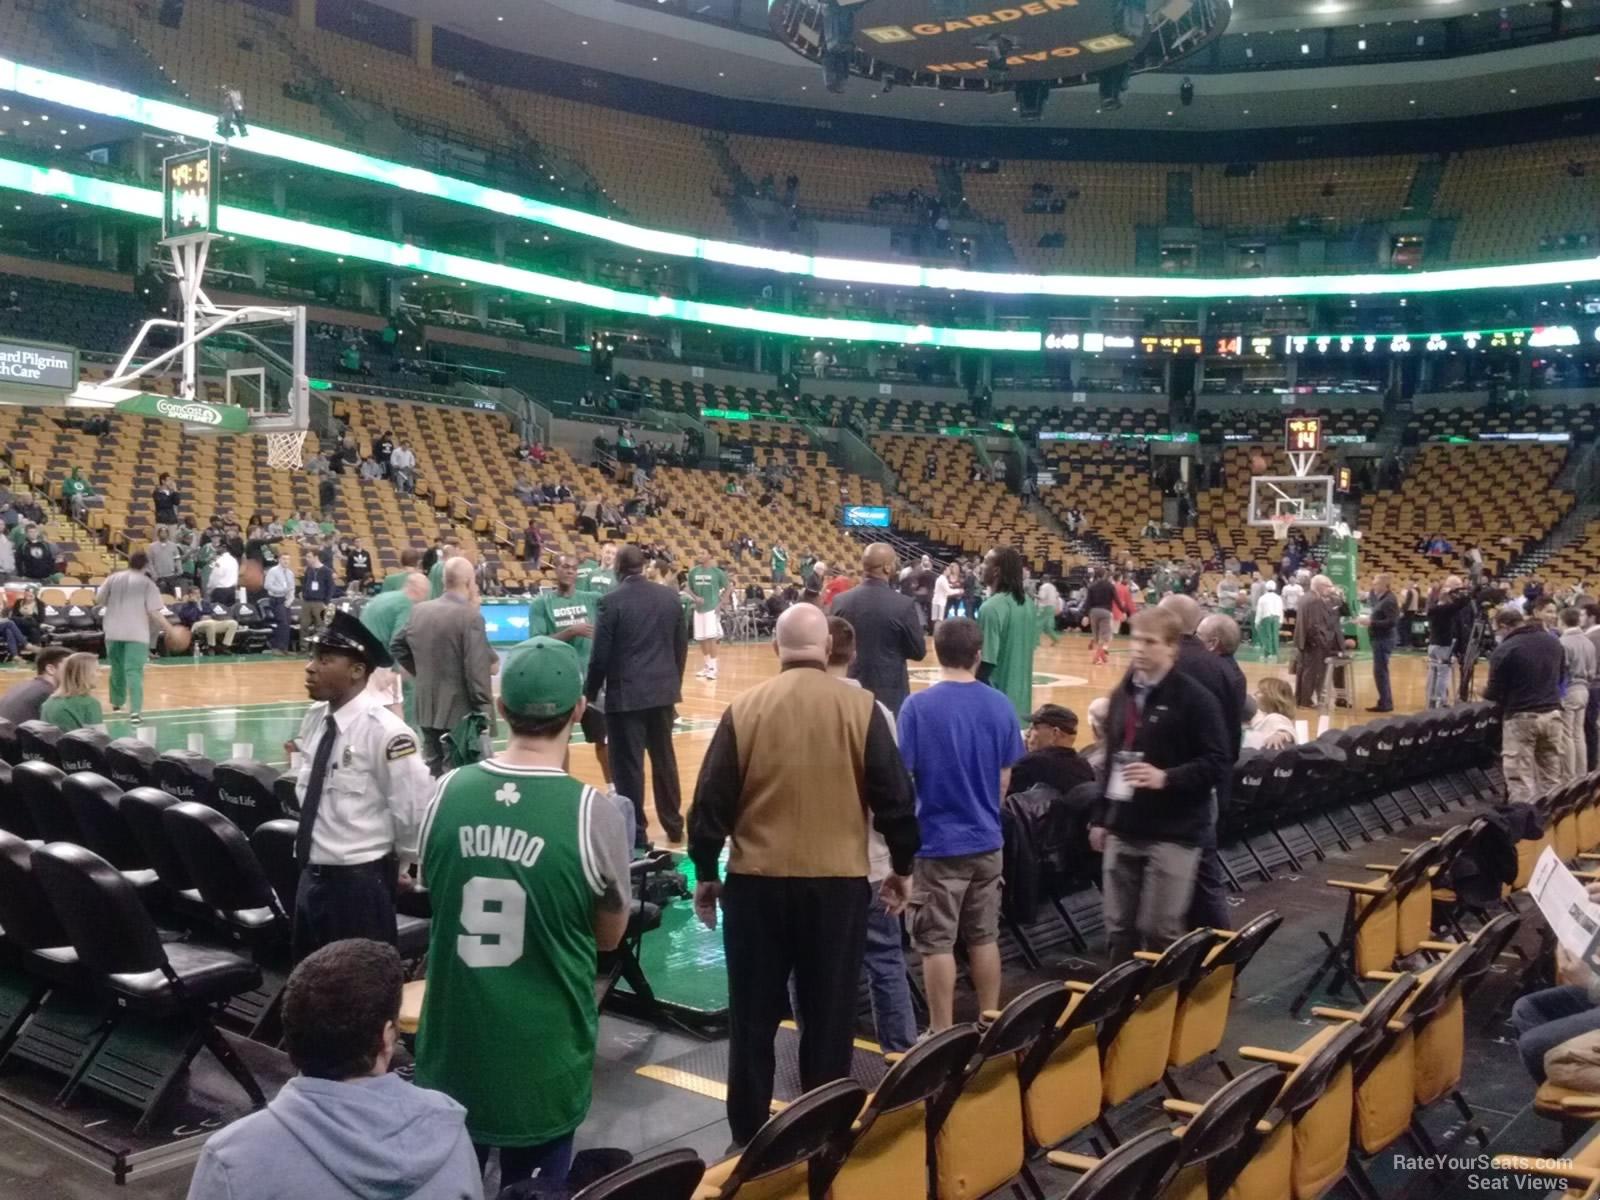 Td Garden Loge 14 Boston Celtics Rateyourseats Com